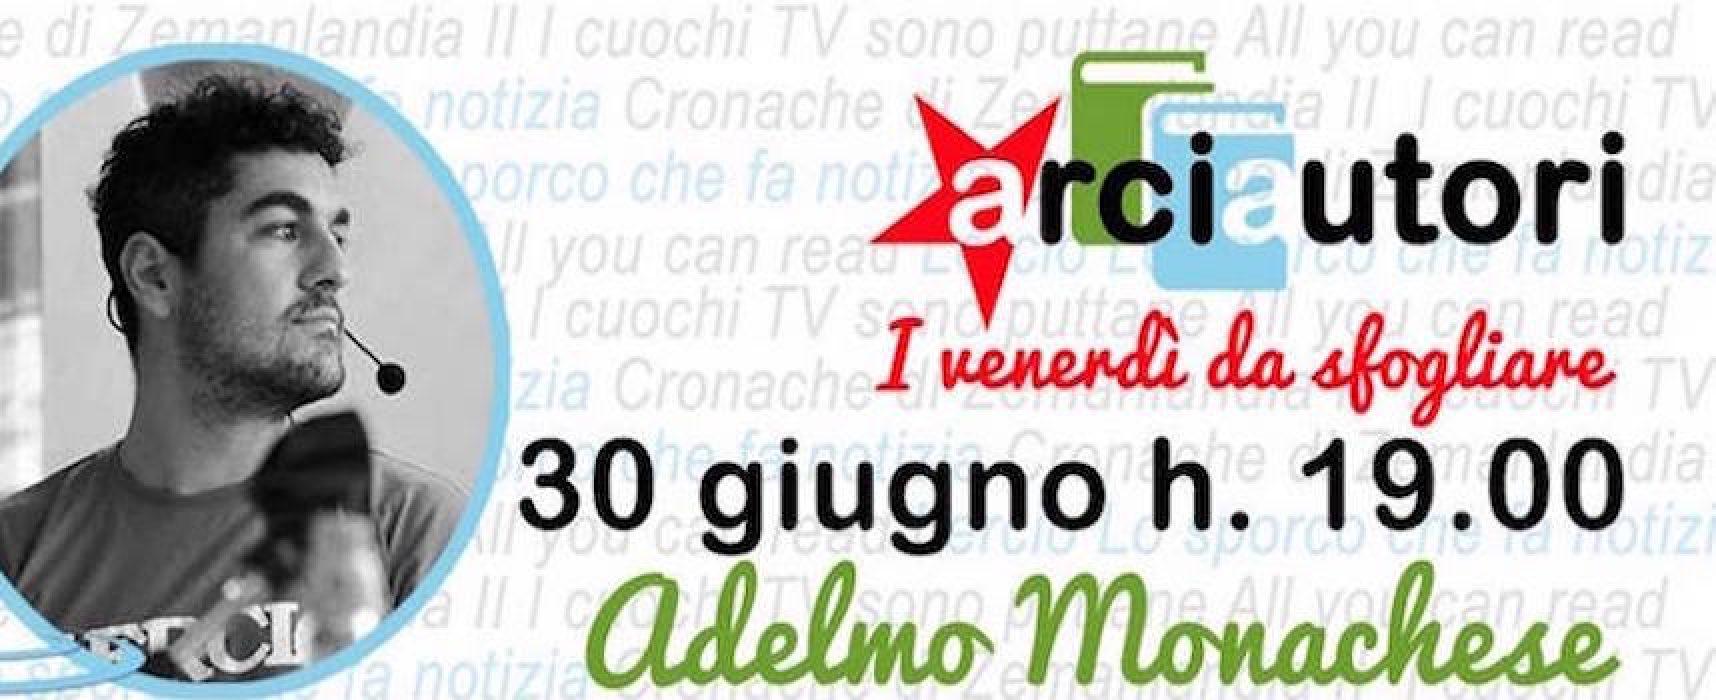 Adelmo Monachese inaugura la rassegna ArciAutori al circolo Open Source